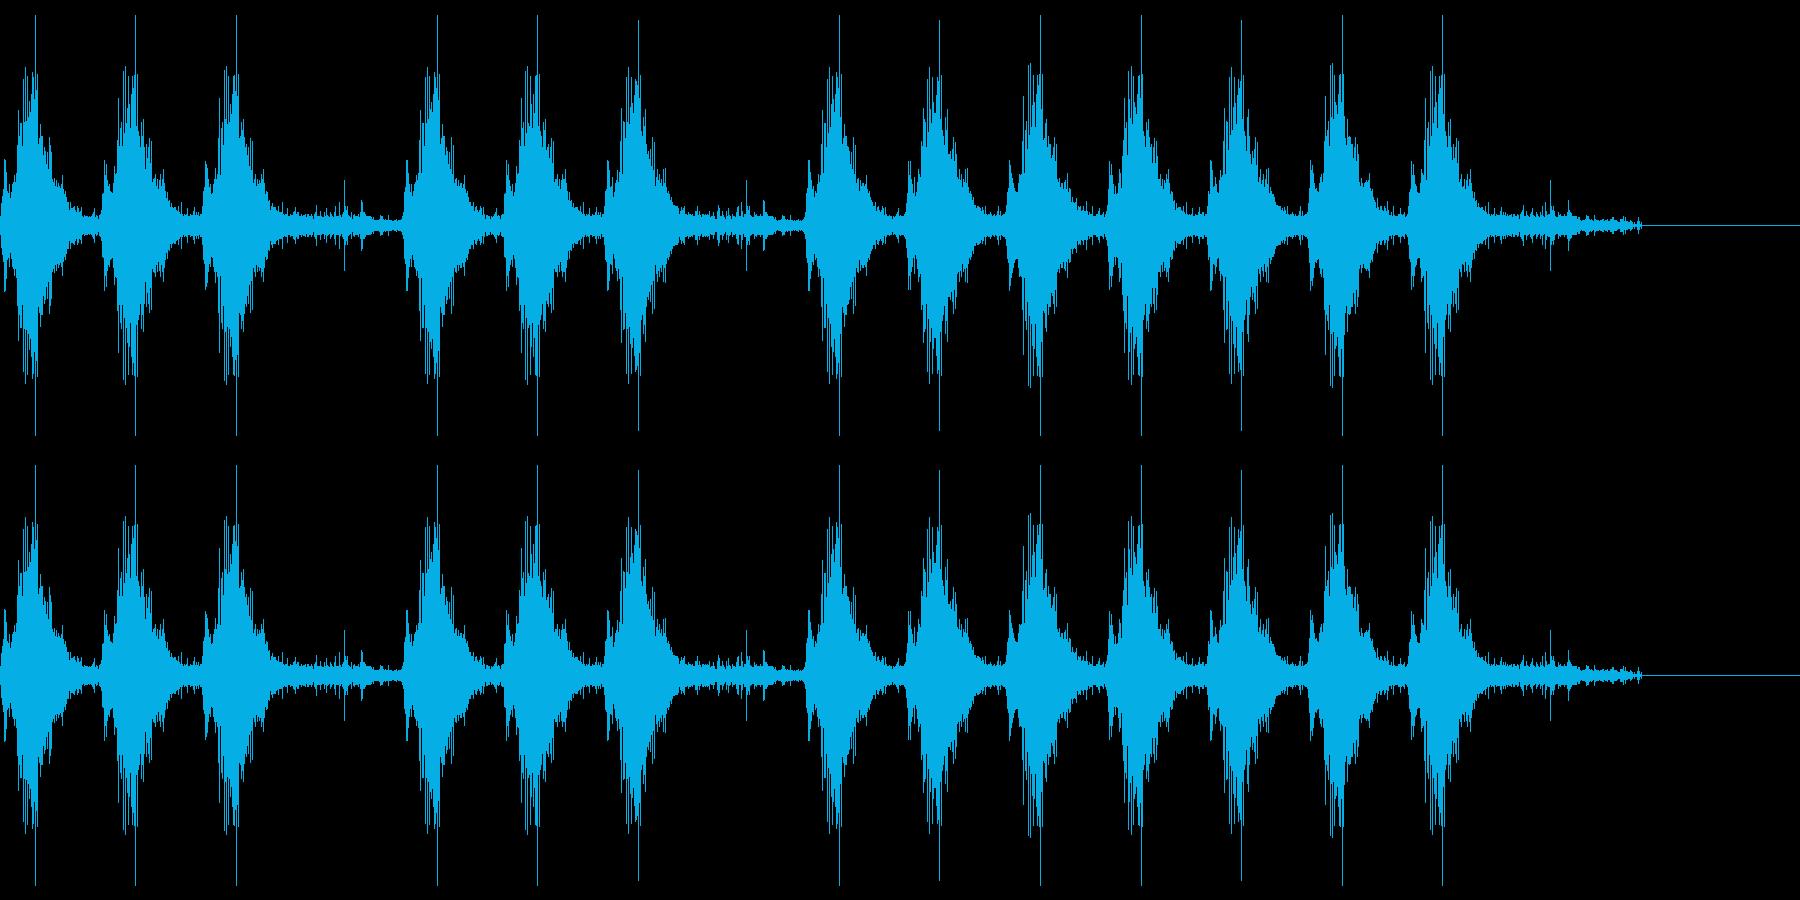 三三七拍子 その10の再生済みの波形